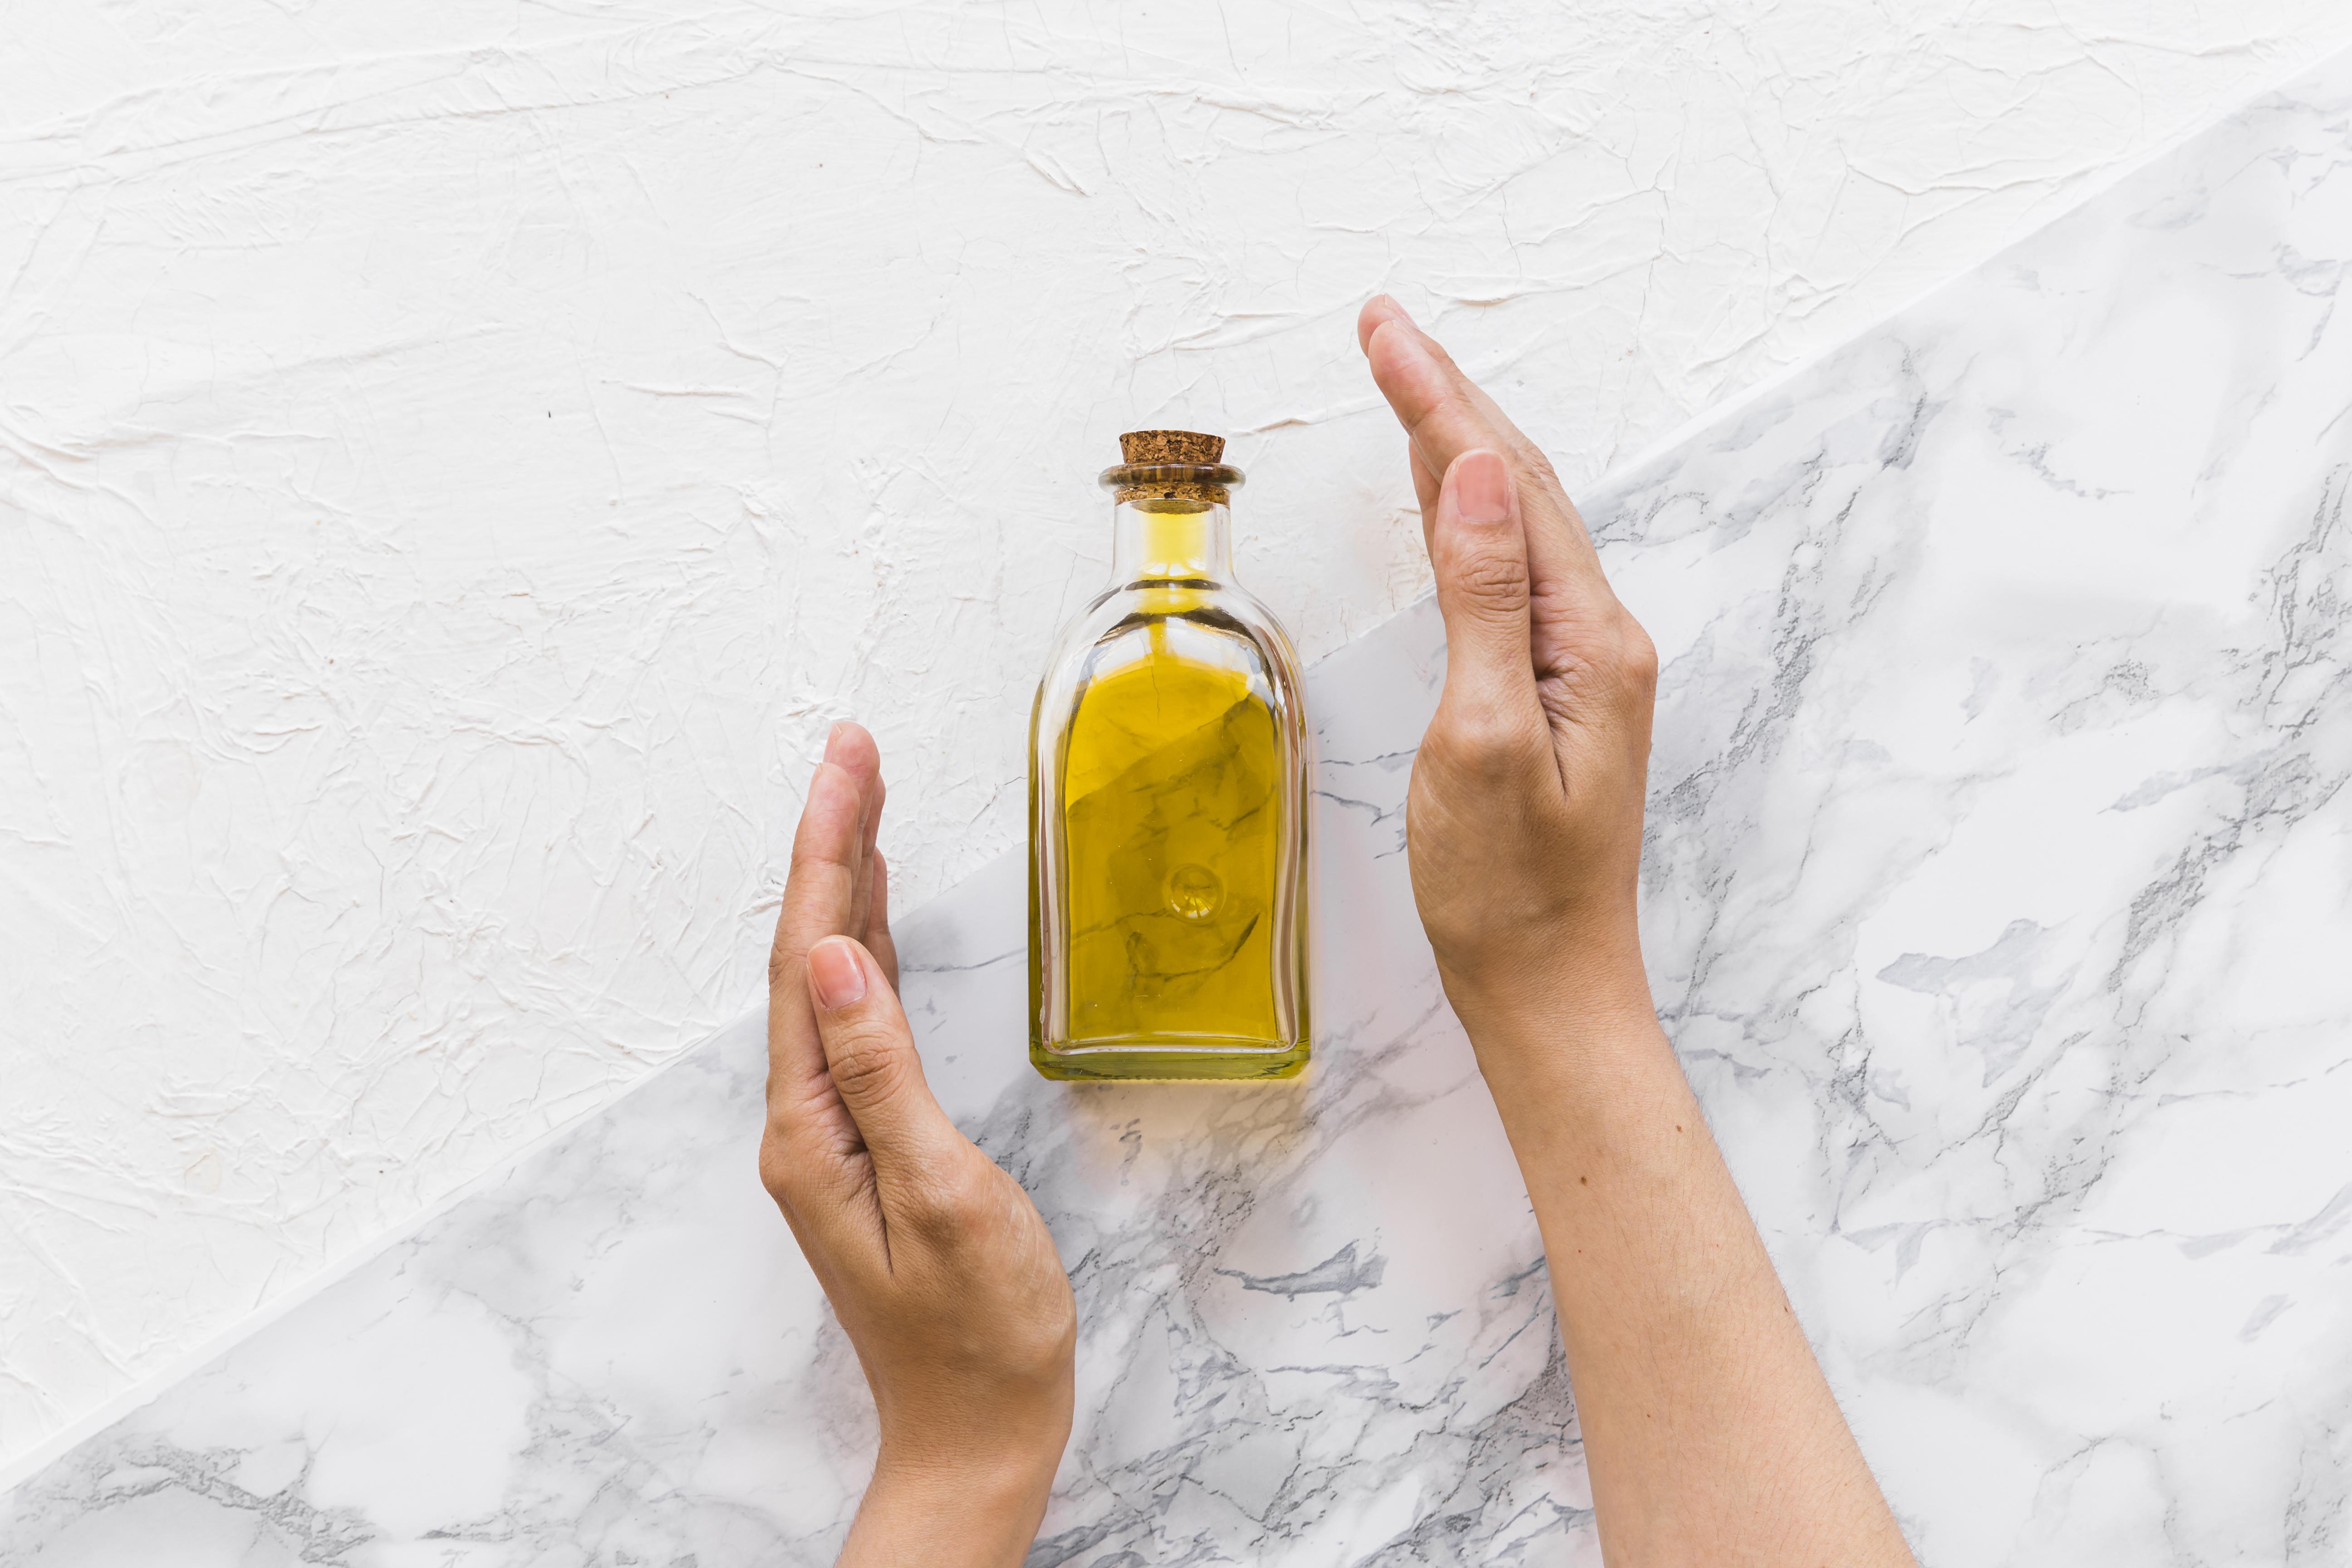 Znáte nejrozšířenější mýty v kosmetice? Na tři nejčastější přešlapy jsme si posvítili